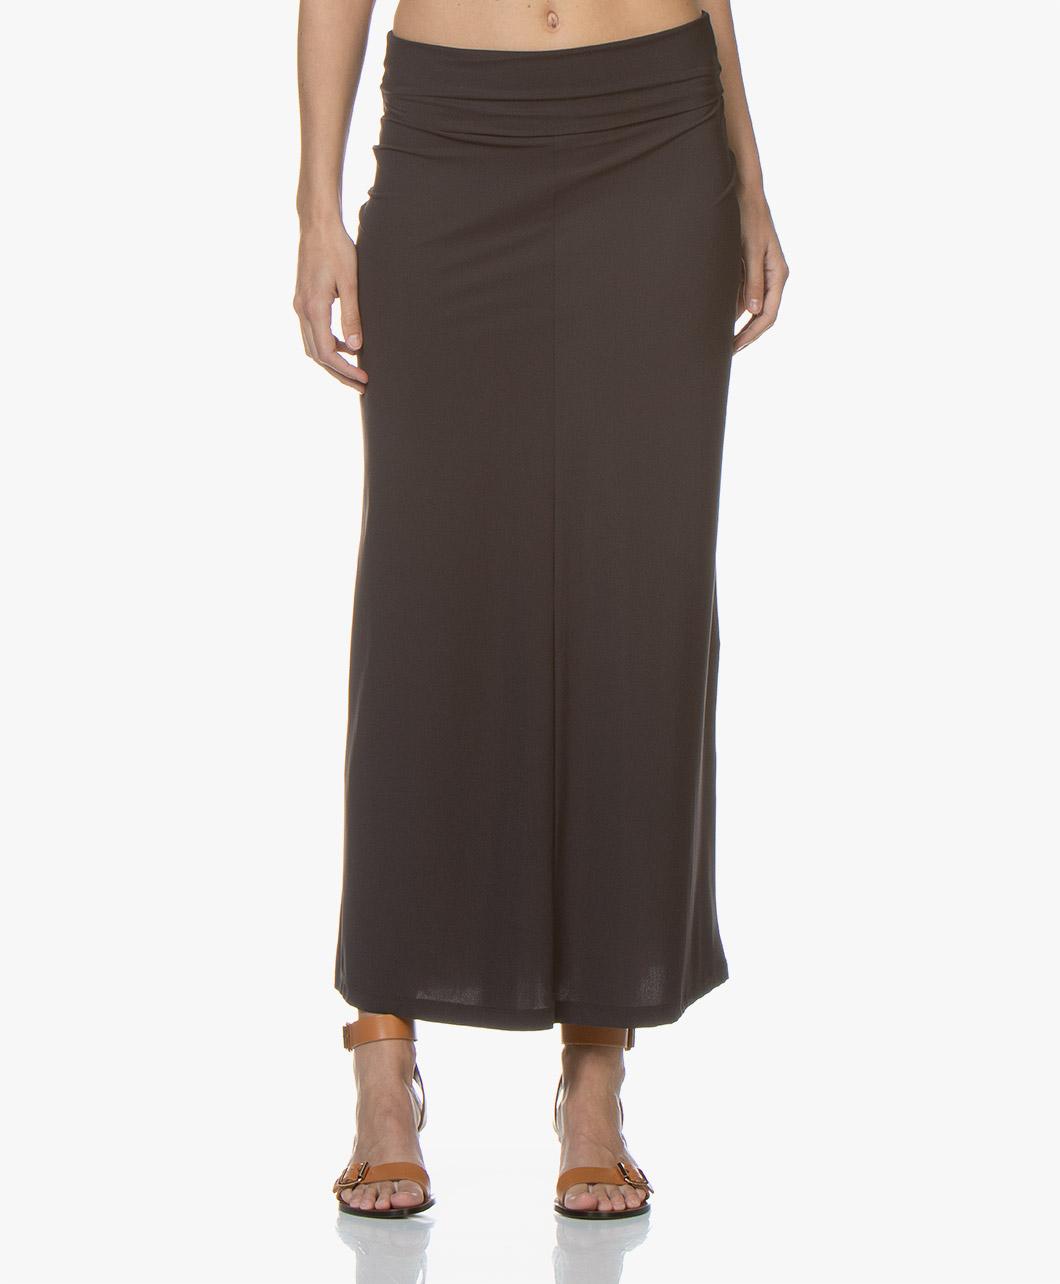 f5d897c5c53c6c no man s land Travel Jersey Maxi Skirt - Brown Black - 51.977 9f79